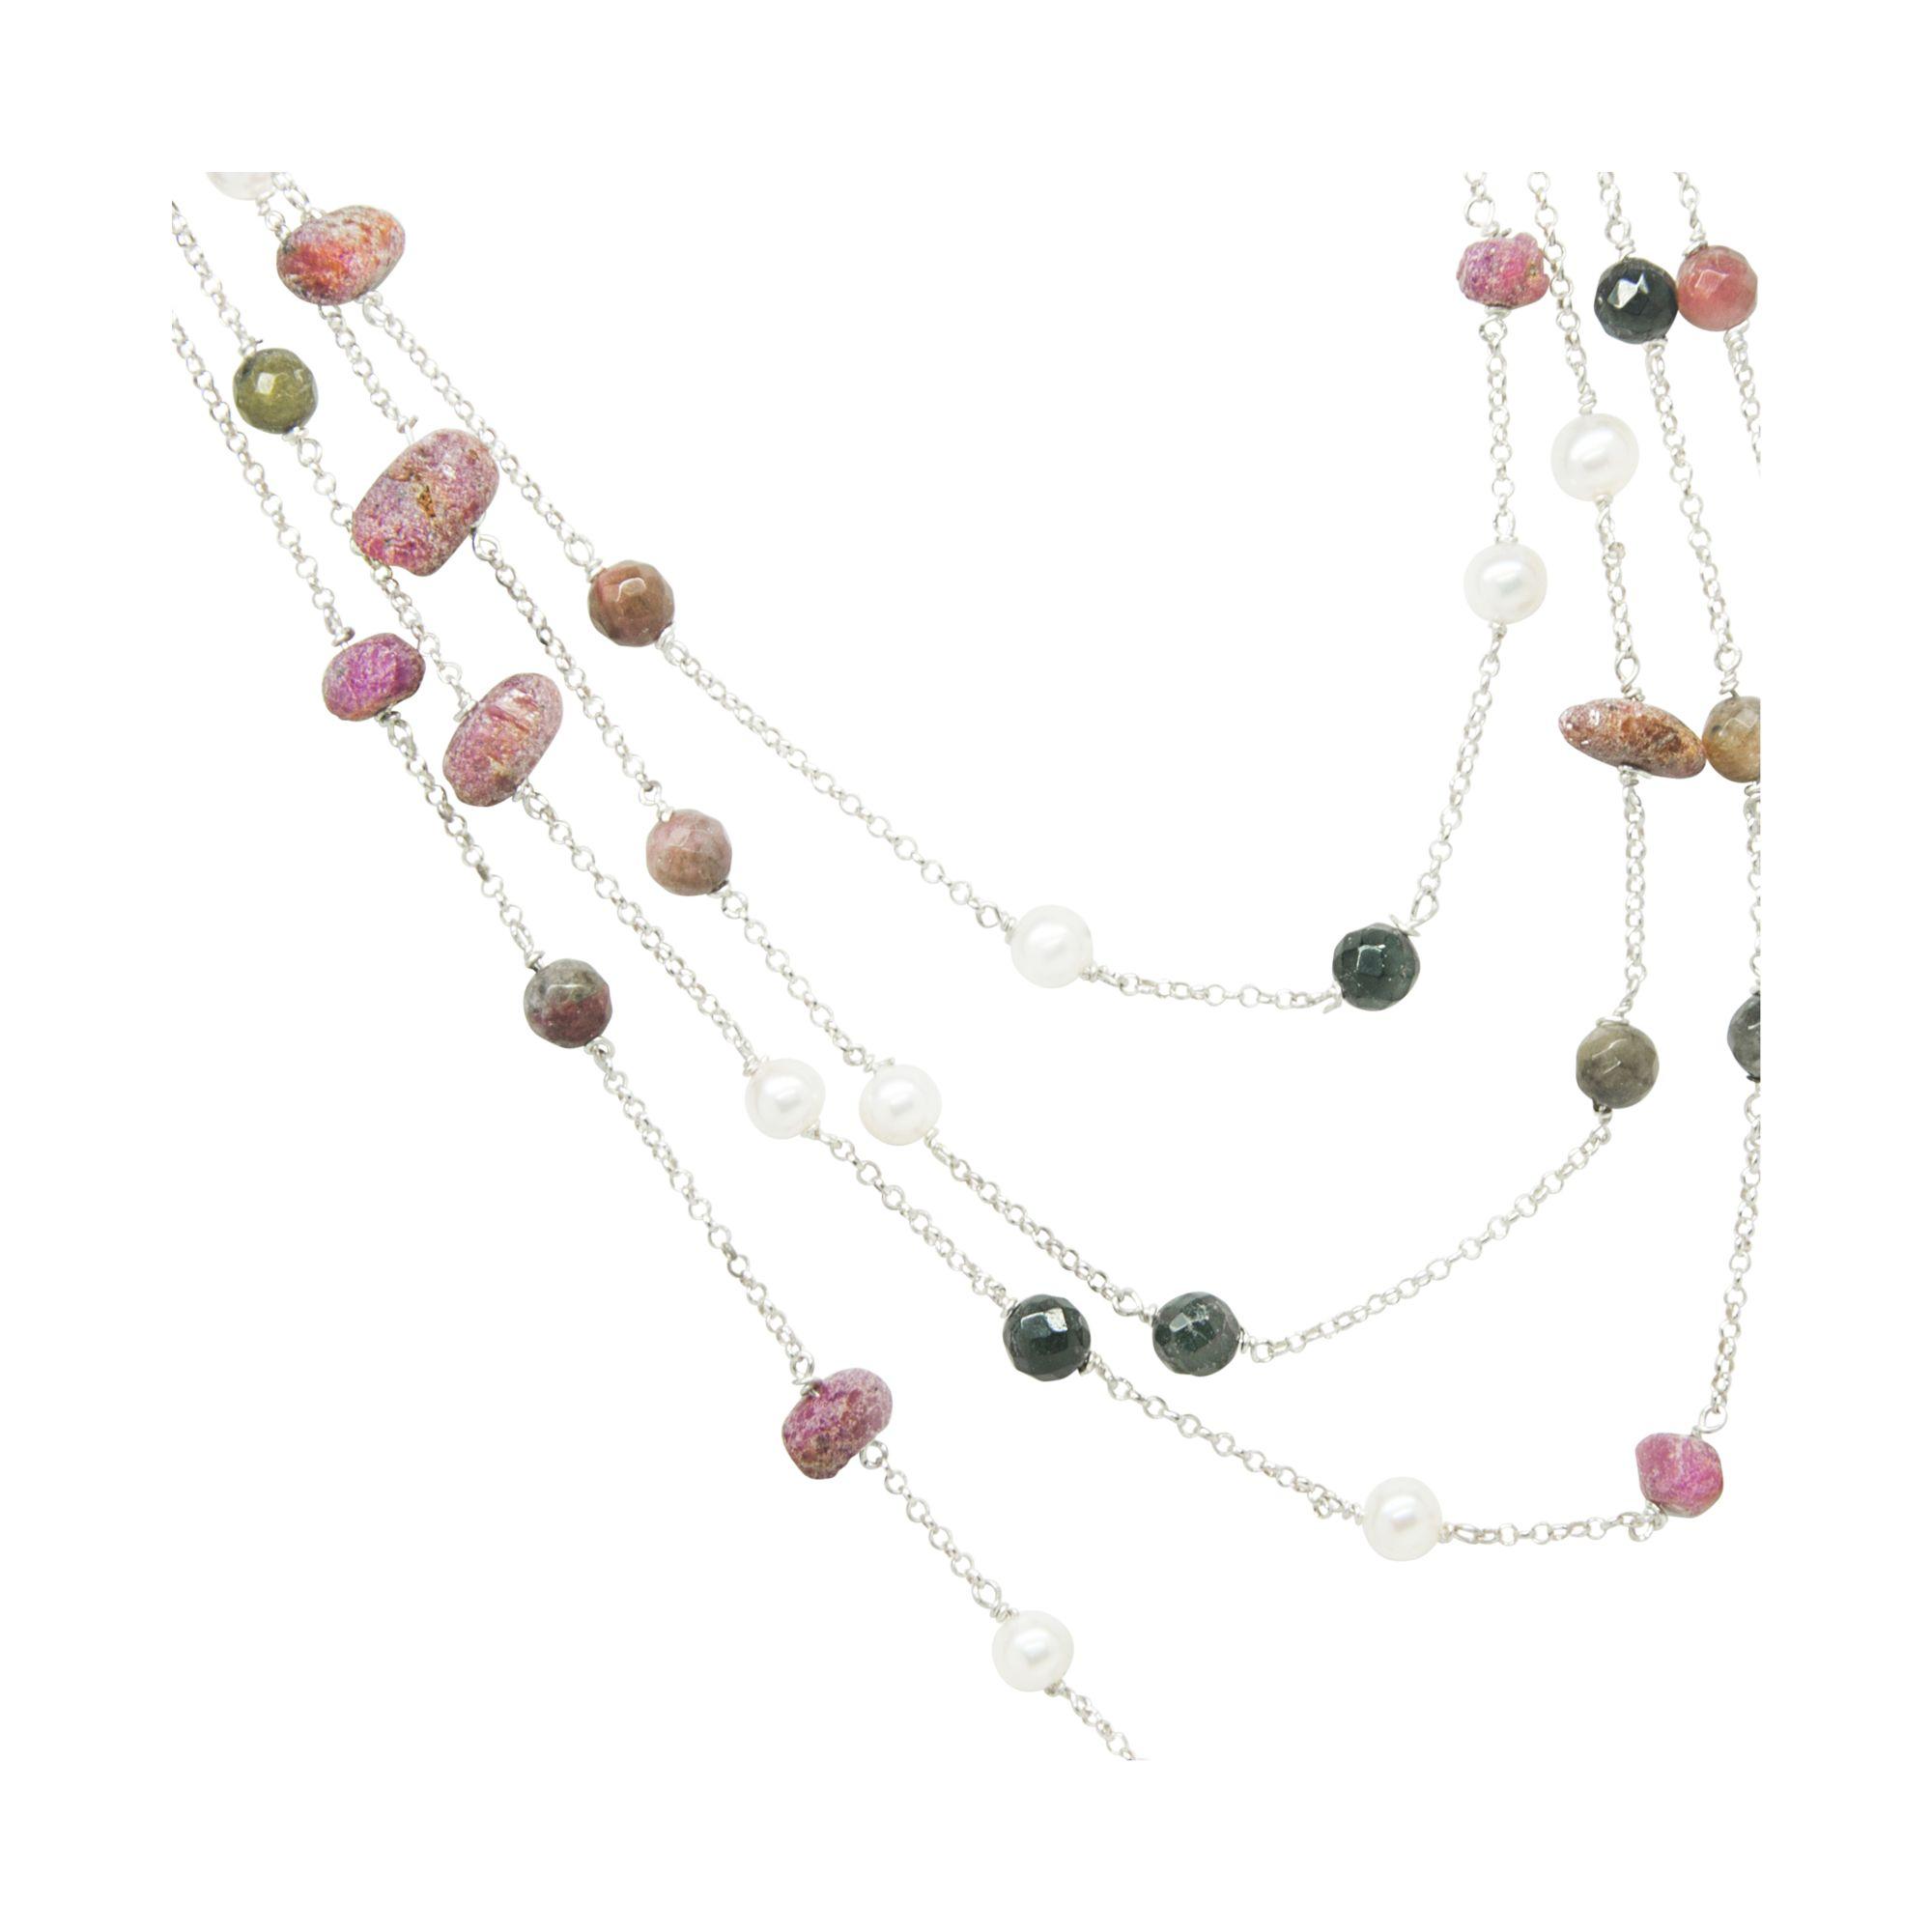 Shop gemstone necklaces